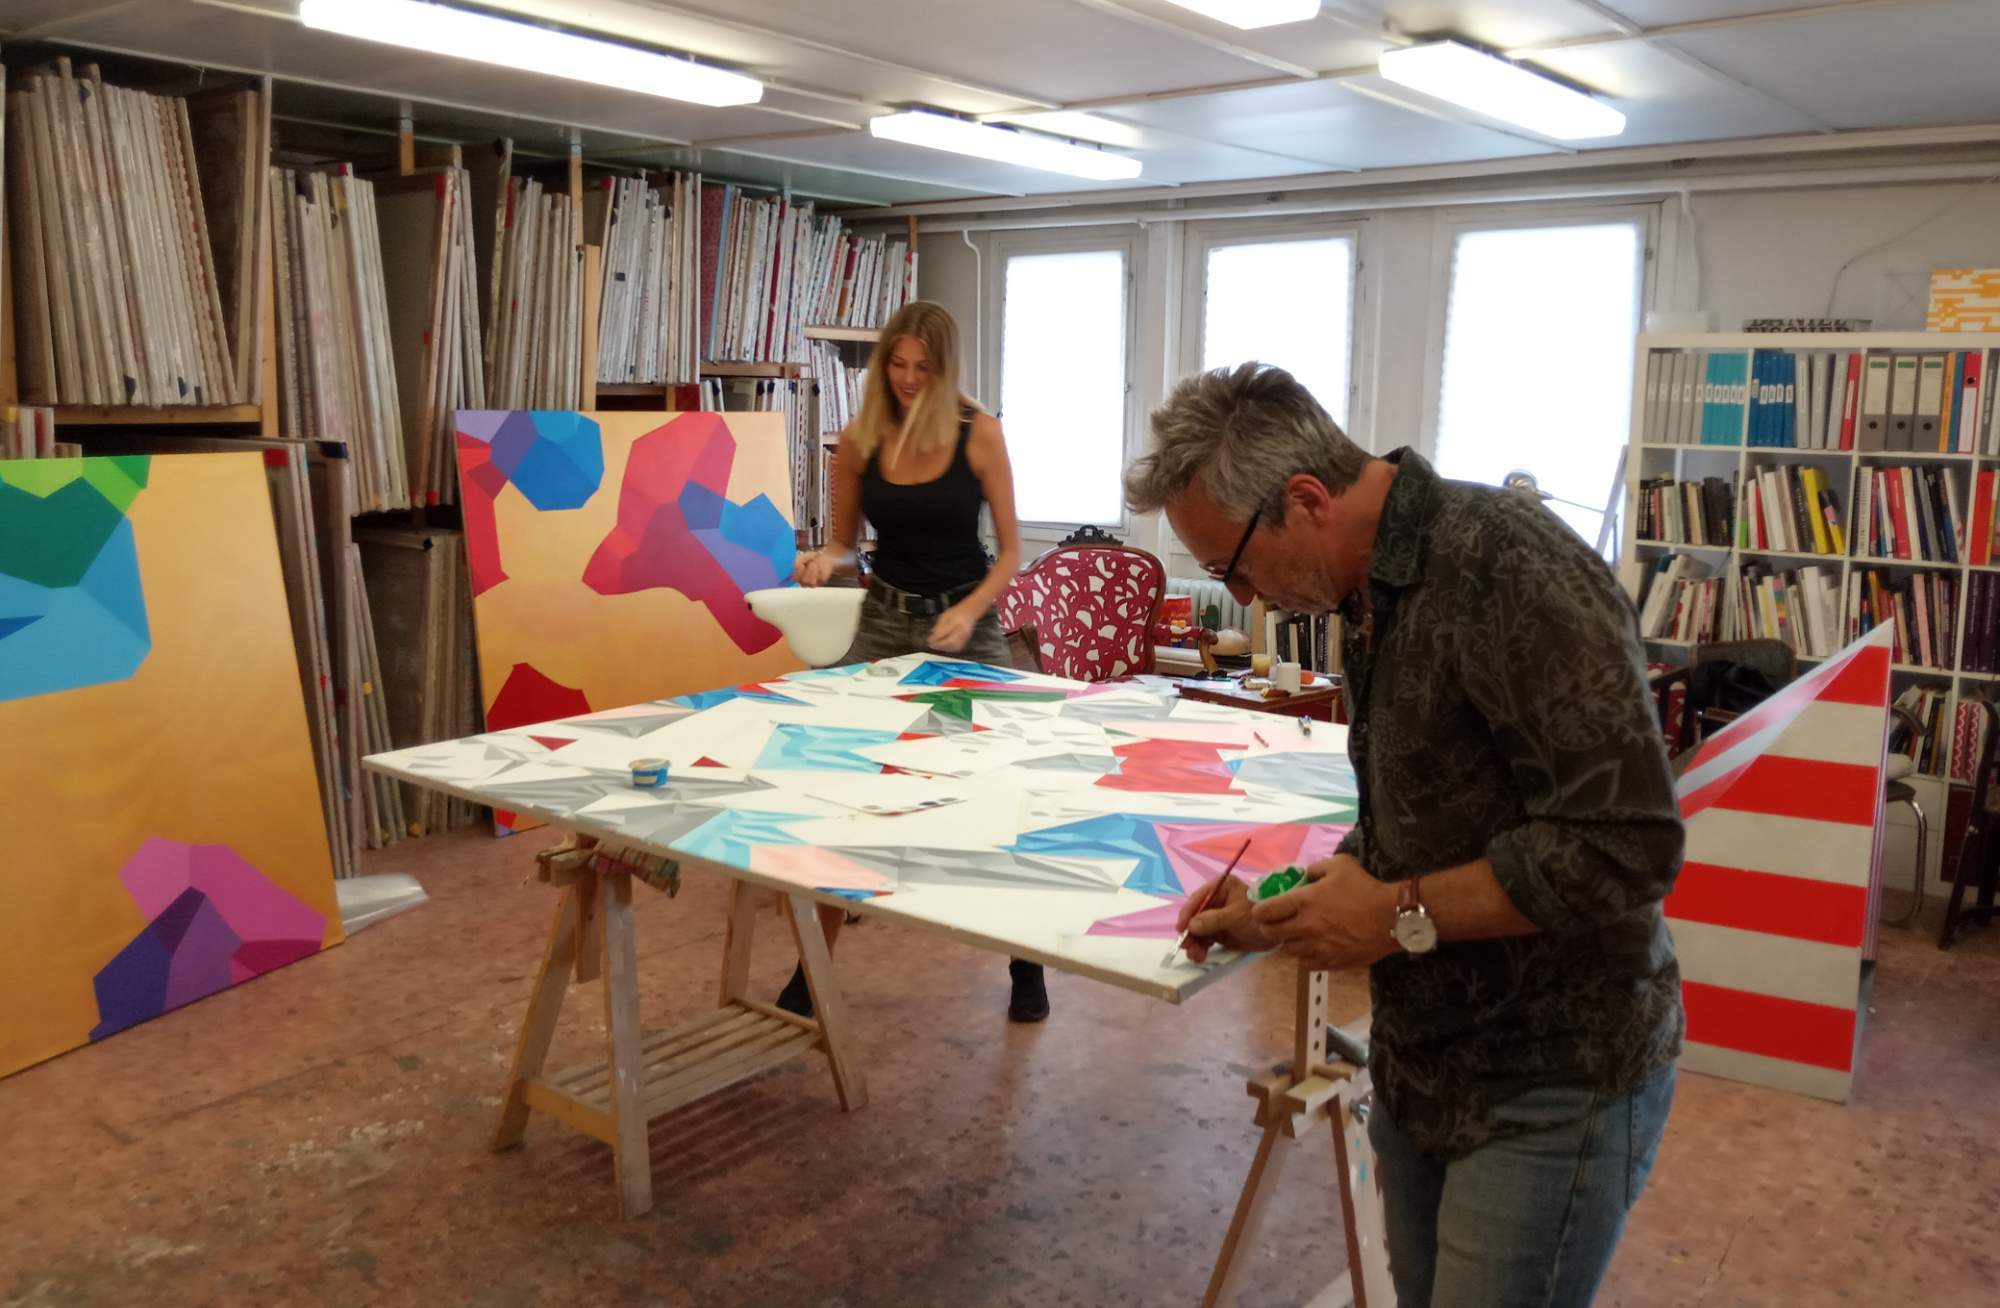 Festival Open Studios umožňuje veřejnosti nahlédnout do dvanácti uměleckých ateliérů. Foto: Anežka Horová.